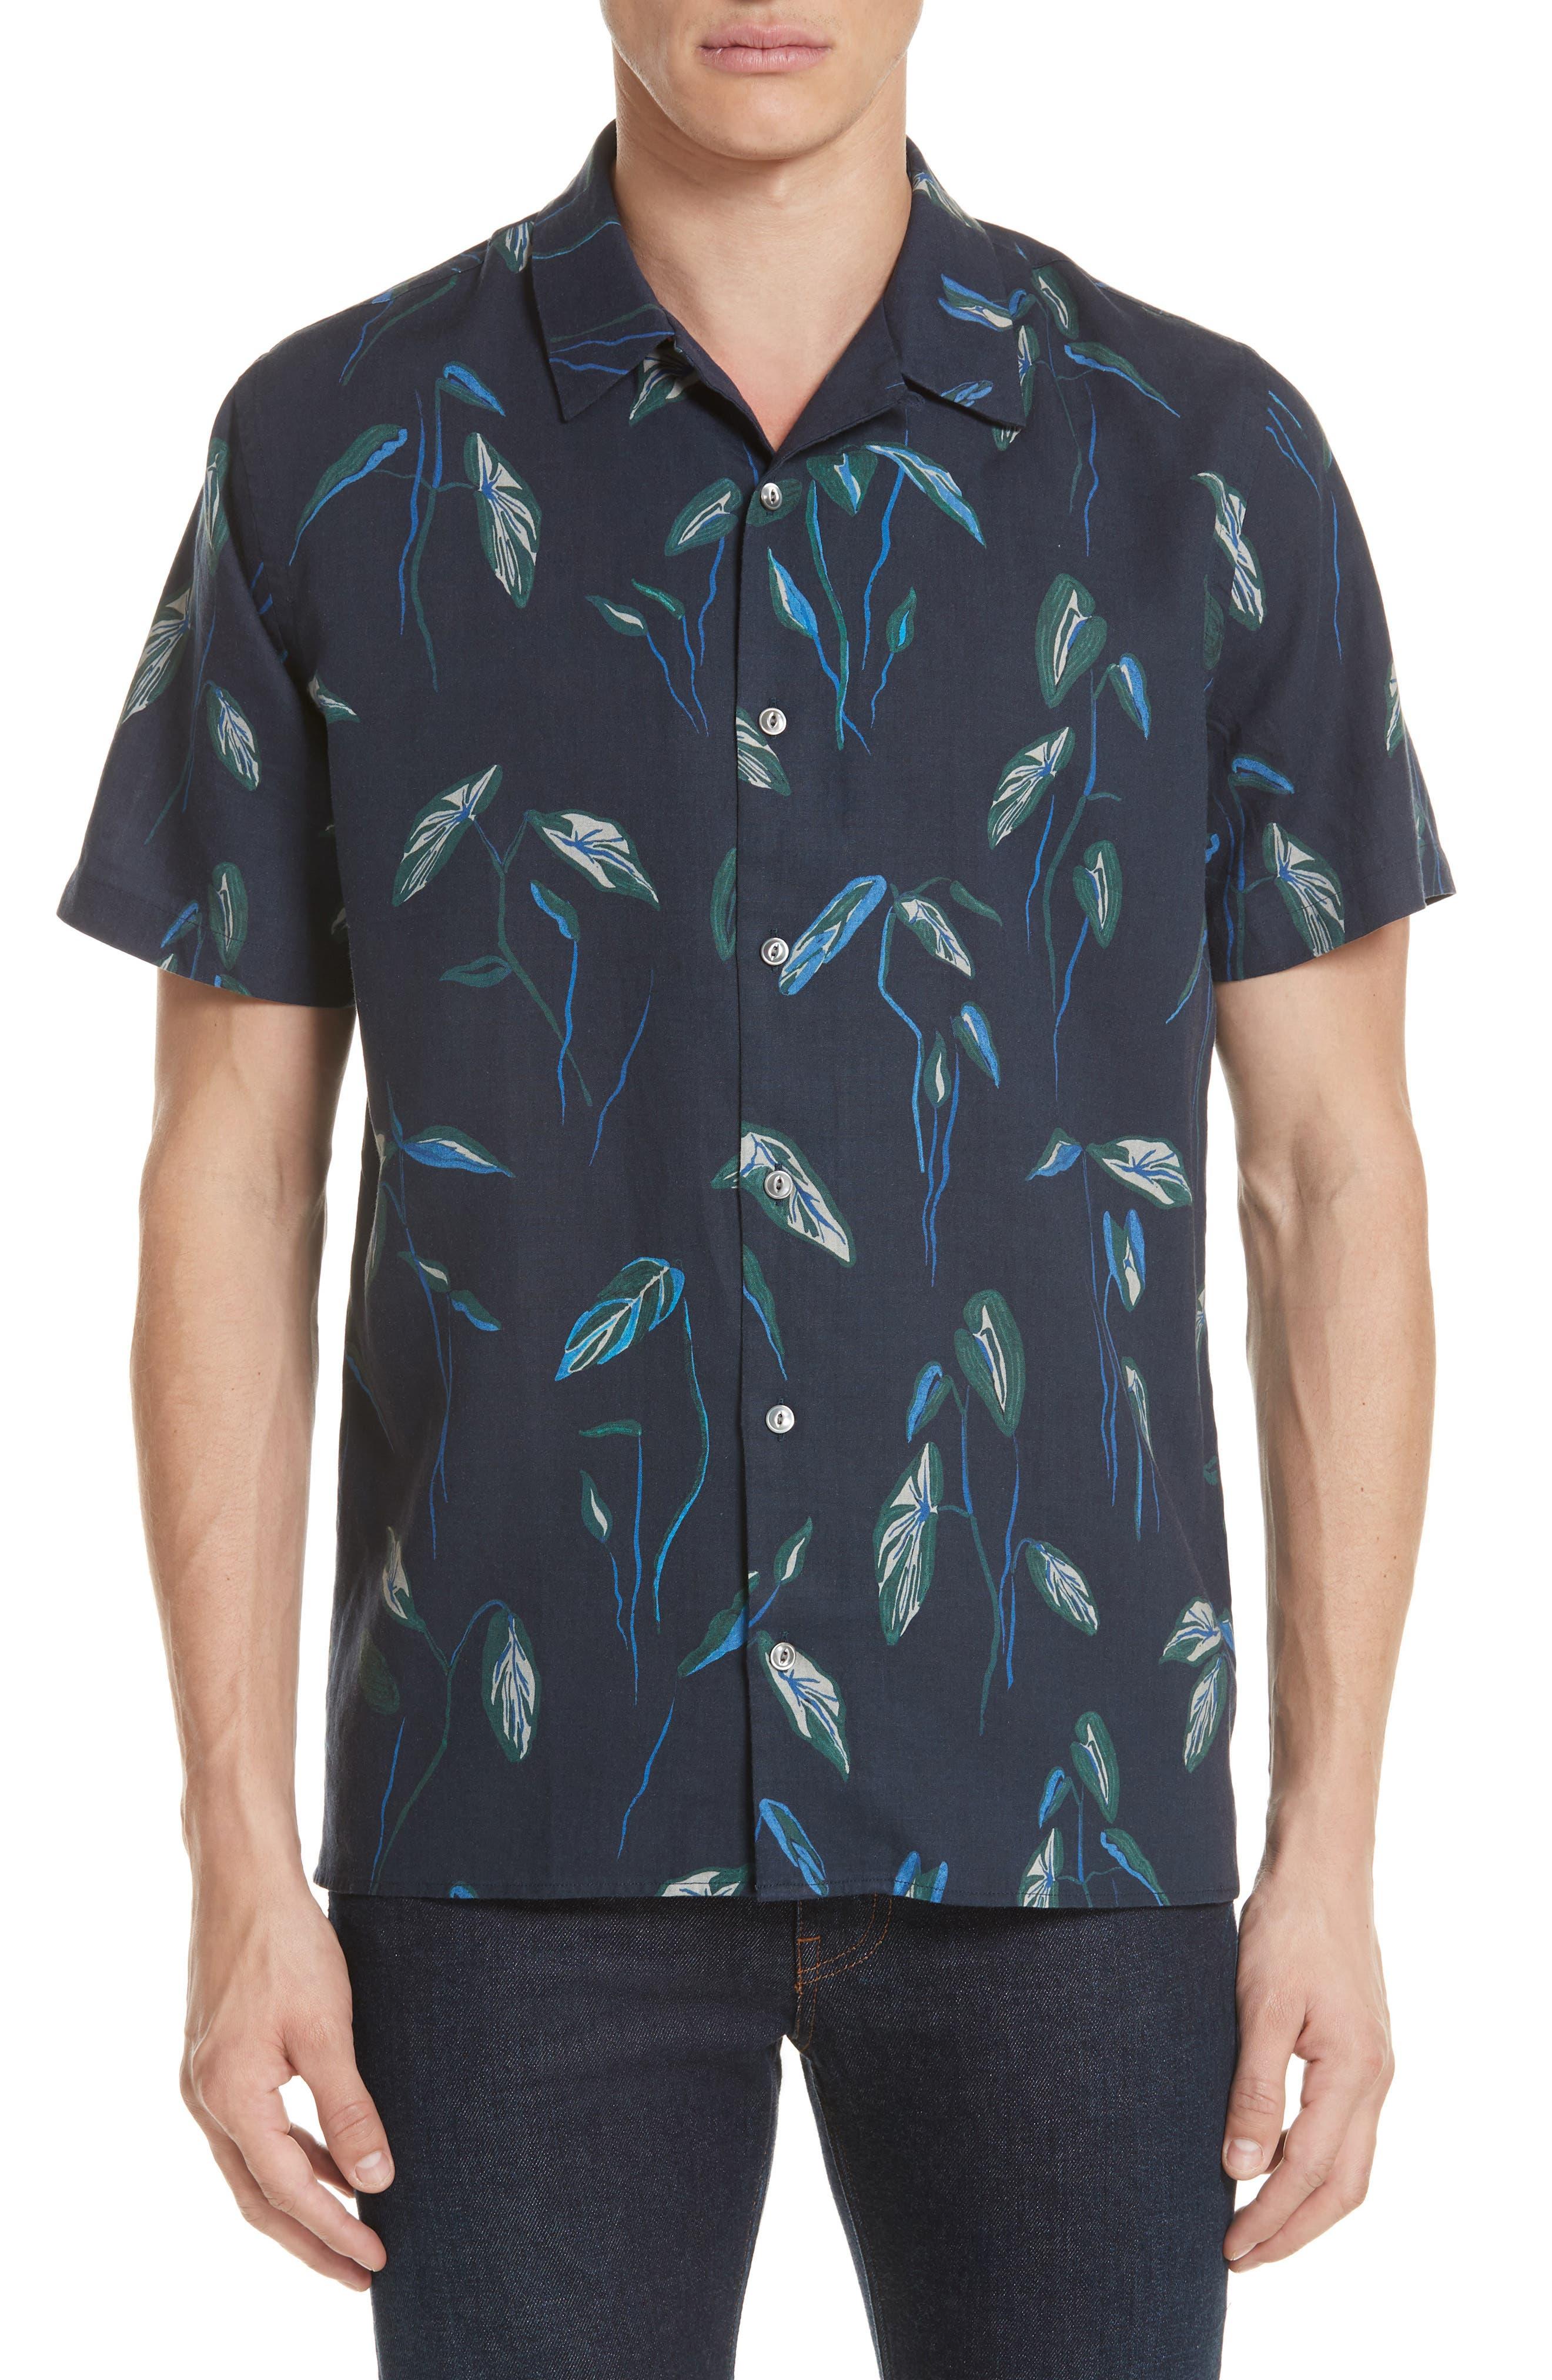 Botanical Print Shirt,                             Main thumbnail 1, color,                             Navy